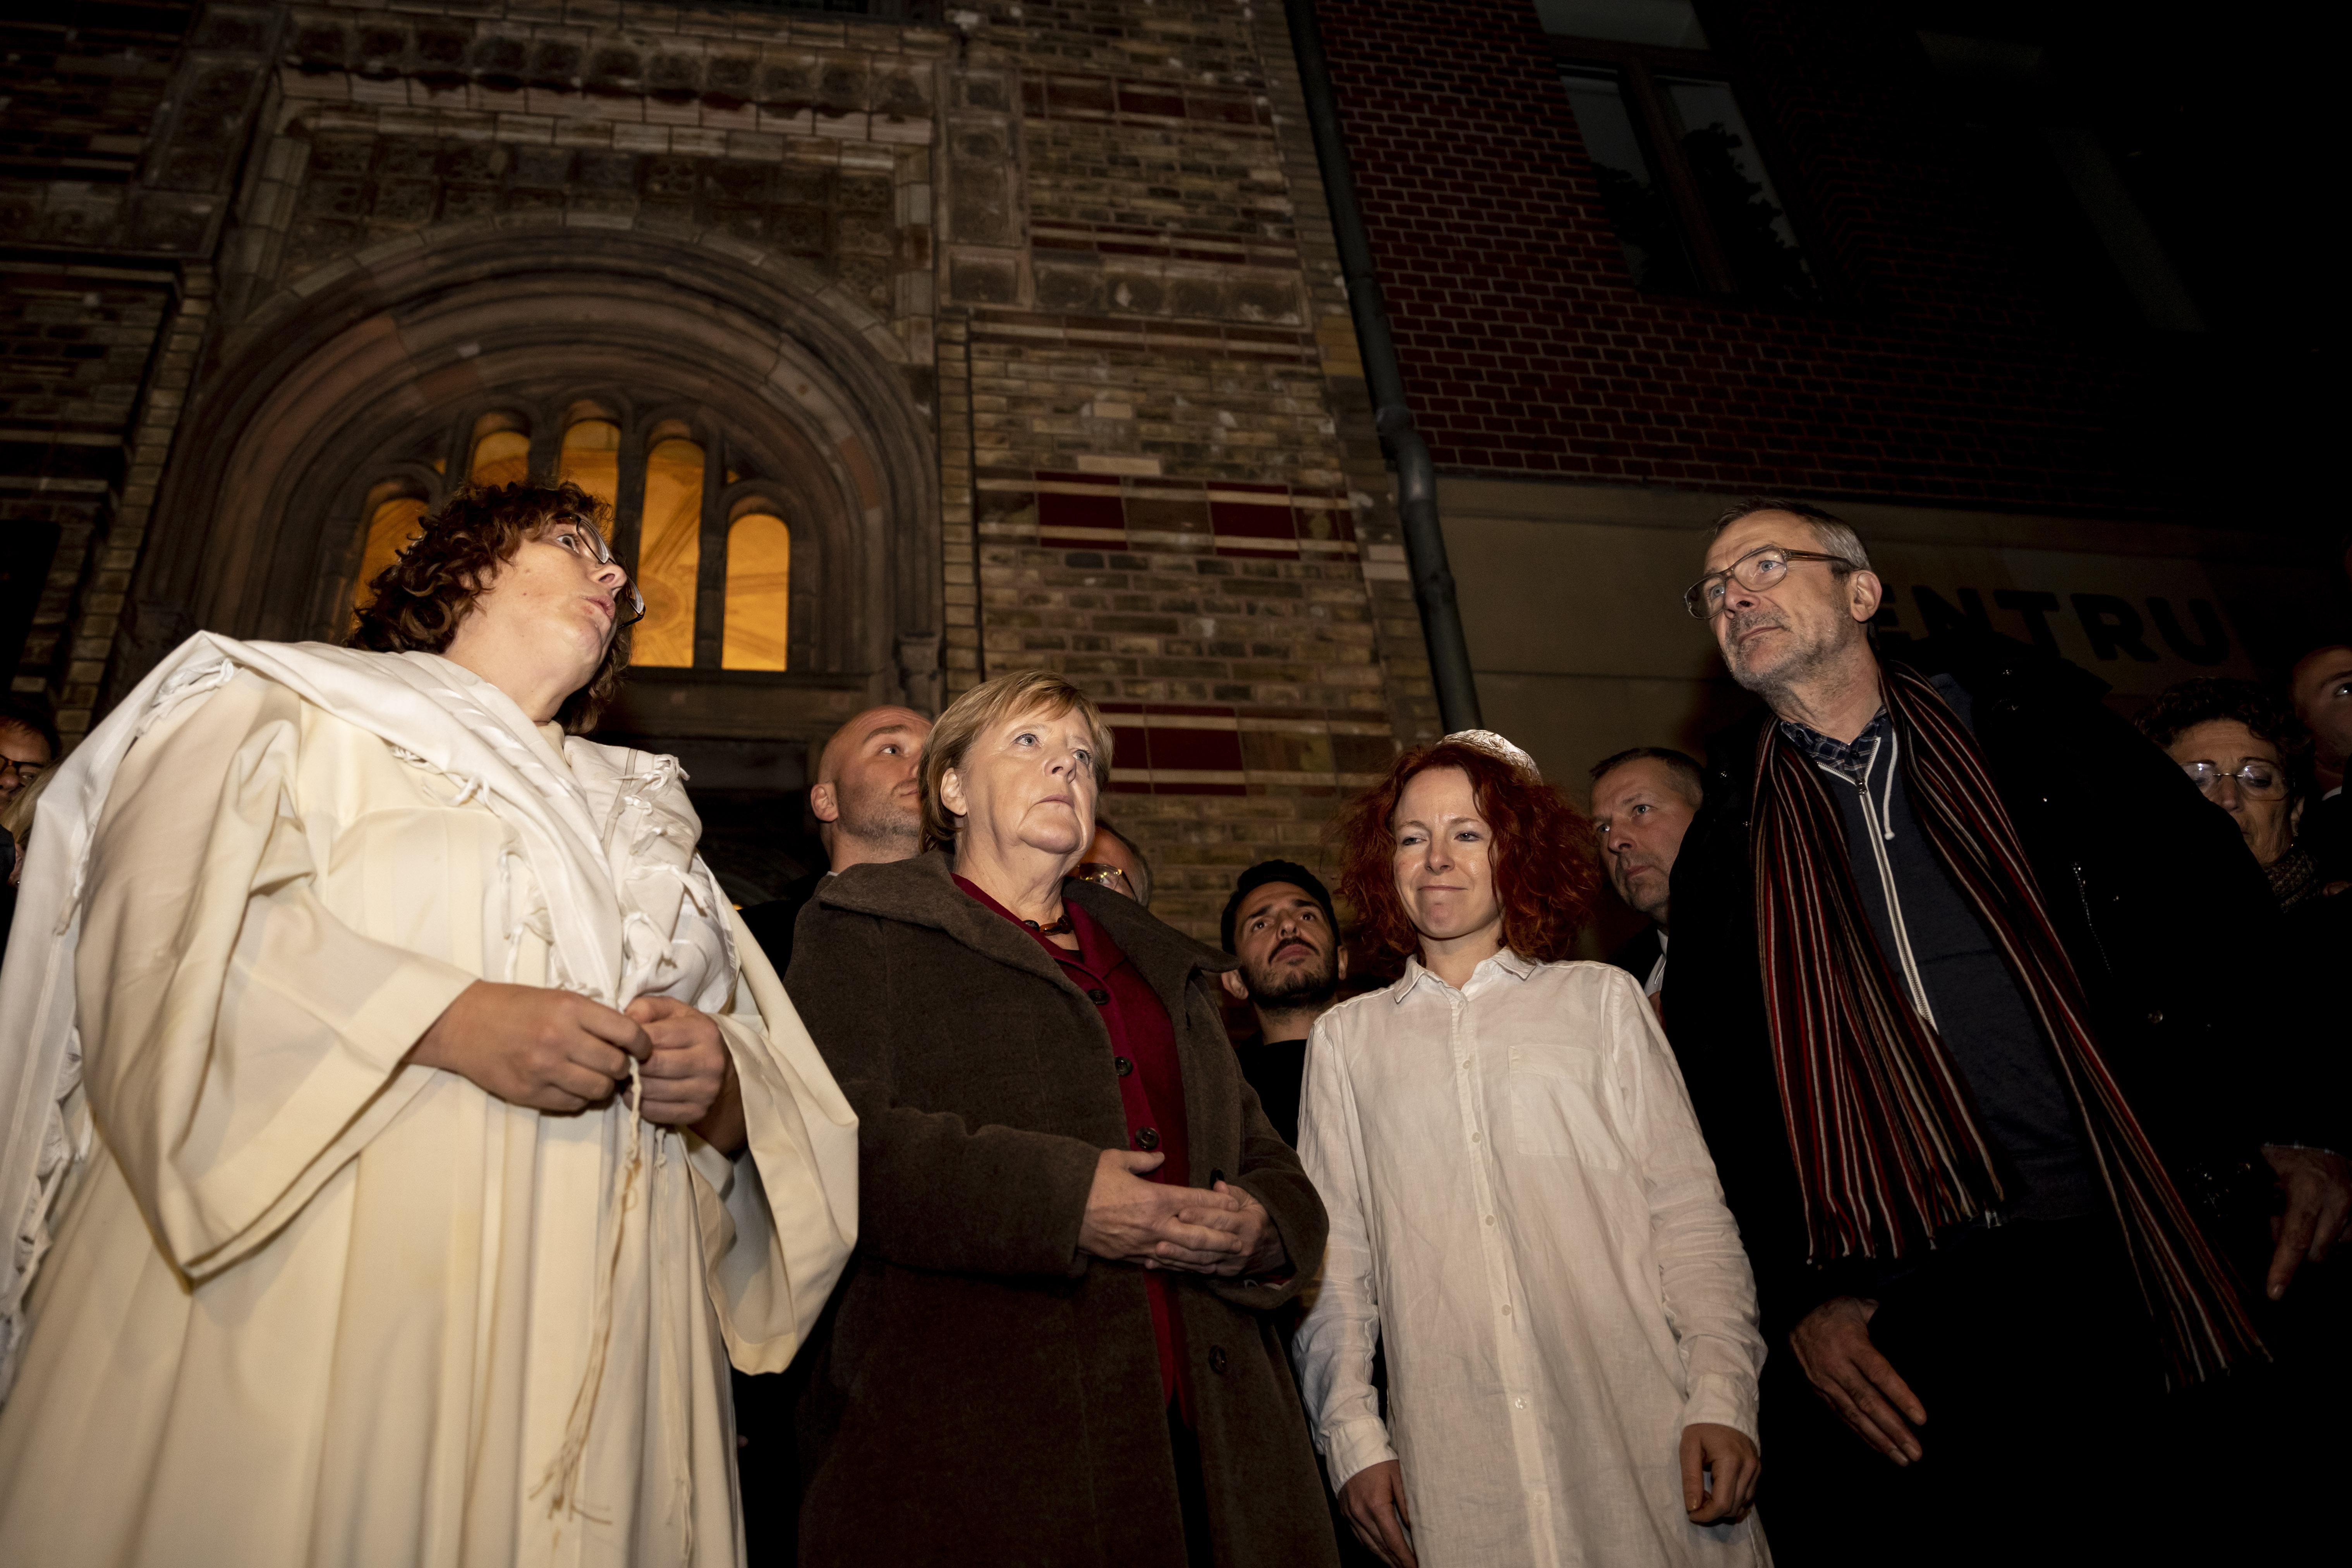 Η Ανγκελα Μέρκελ σε συναγωγή